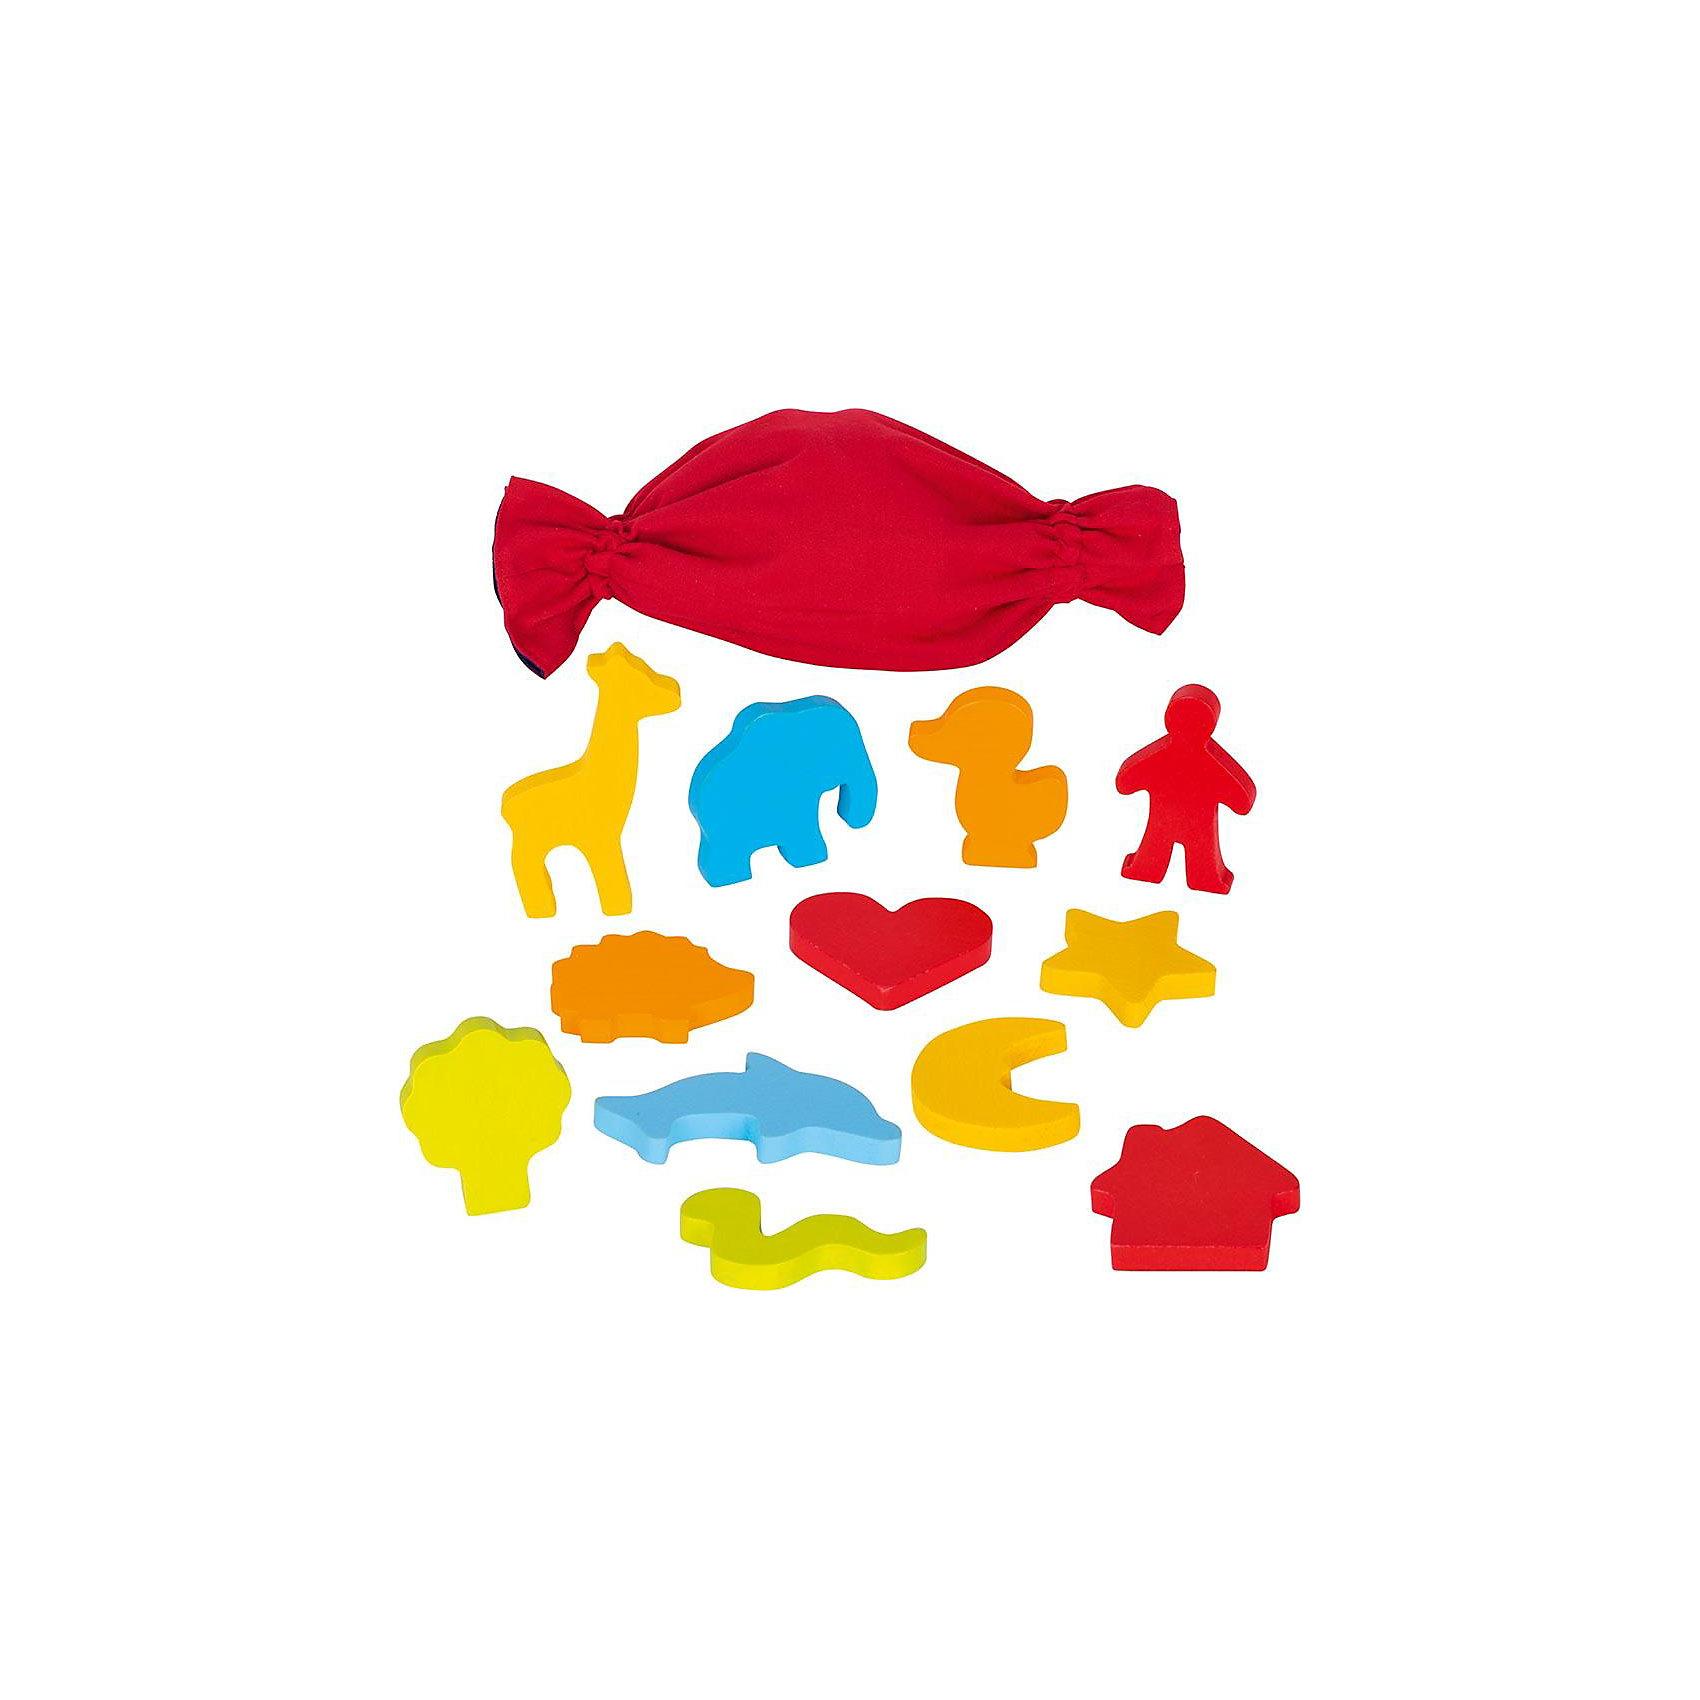 Сенсорная игра Мемо  Формы в мешочке  CAUSE, gokiИгры мемо<br>В ярко-красном мешке находятся разнообразные деревянные фигурки: дерево, слон, жираф, человечек, ежик, месяц, сердечко, дельфин, домик, звездочка, змейка.Ребенку, в зависимости от возраста, можно предложить несколько вариантов игры: 1. рассмотреть внимательно и изучить в ручках все фигуры, затем сложить их в мешок и вслепую вынимать из него пары элементов. 2. По памяти называть цвет каждой фигурки. 3. Вынимать элементы из мешка, называя их правильно. 4. Придумать свою историю и построить из фигурок сценку. Игра развивает в первую очередь память, мелкую моторику, тактильные ощущения, знакомит с понятиями формы и цвета.<br><br>Ширина мм: 250<br>Глубина мм: 100<br>Высота мм: 250<br>Вес г: 380<br>Возраст от месяцев: 36<br>Возраст до месяцев: 72<br>Пол: Унисекс<br>Возраст: Детский<br>SKU: 4328620